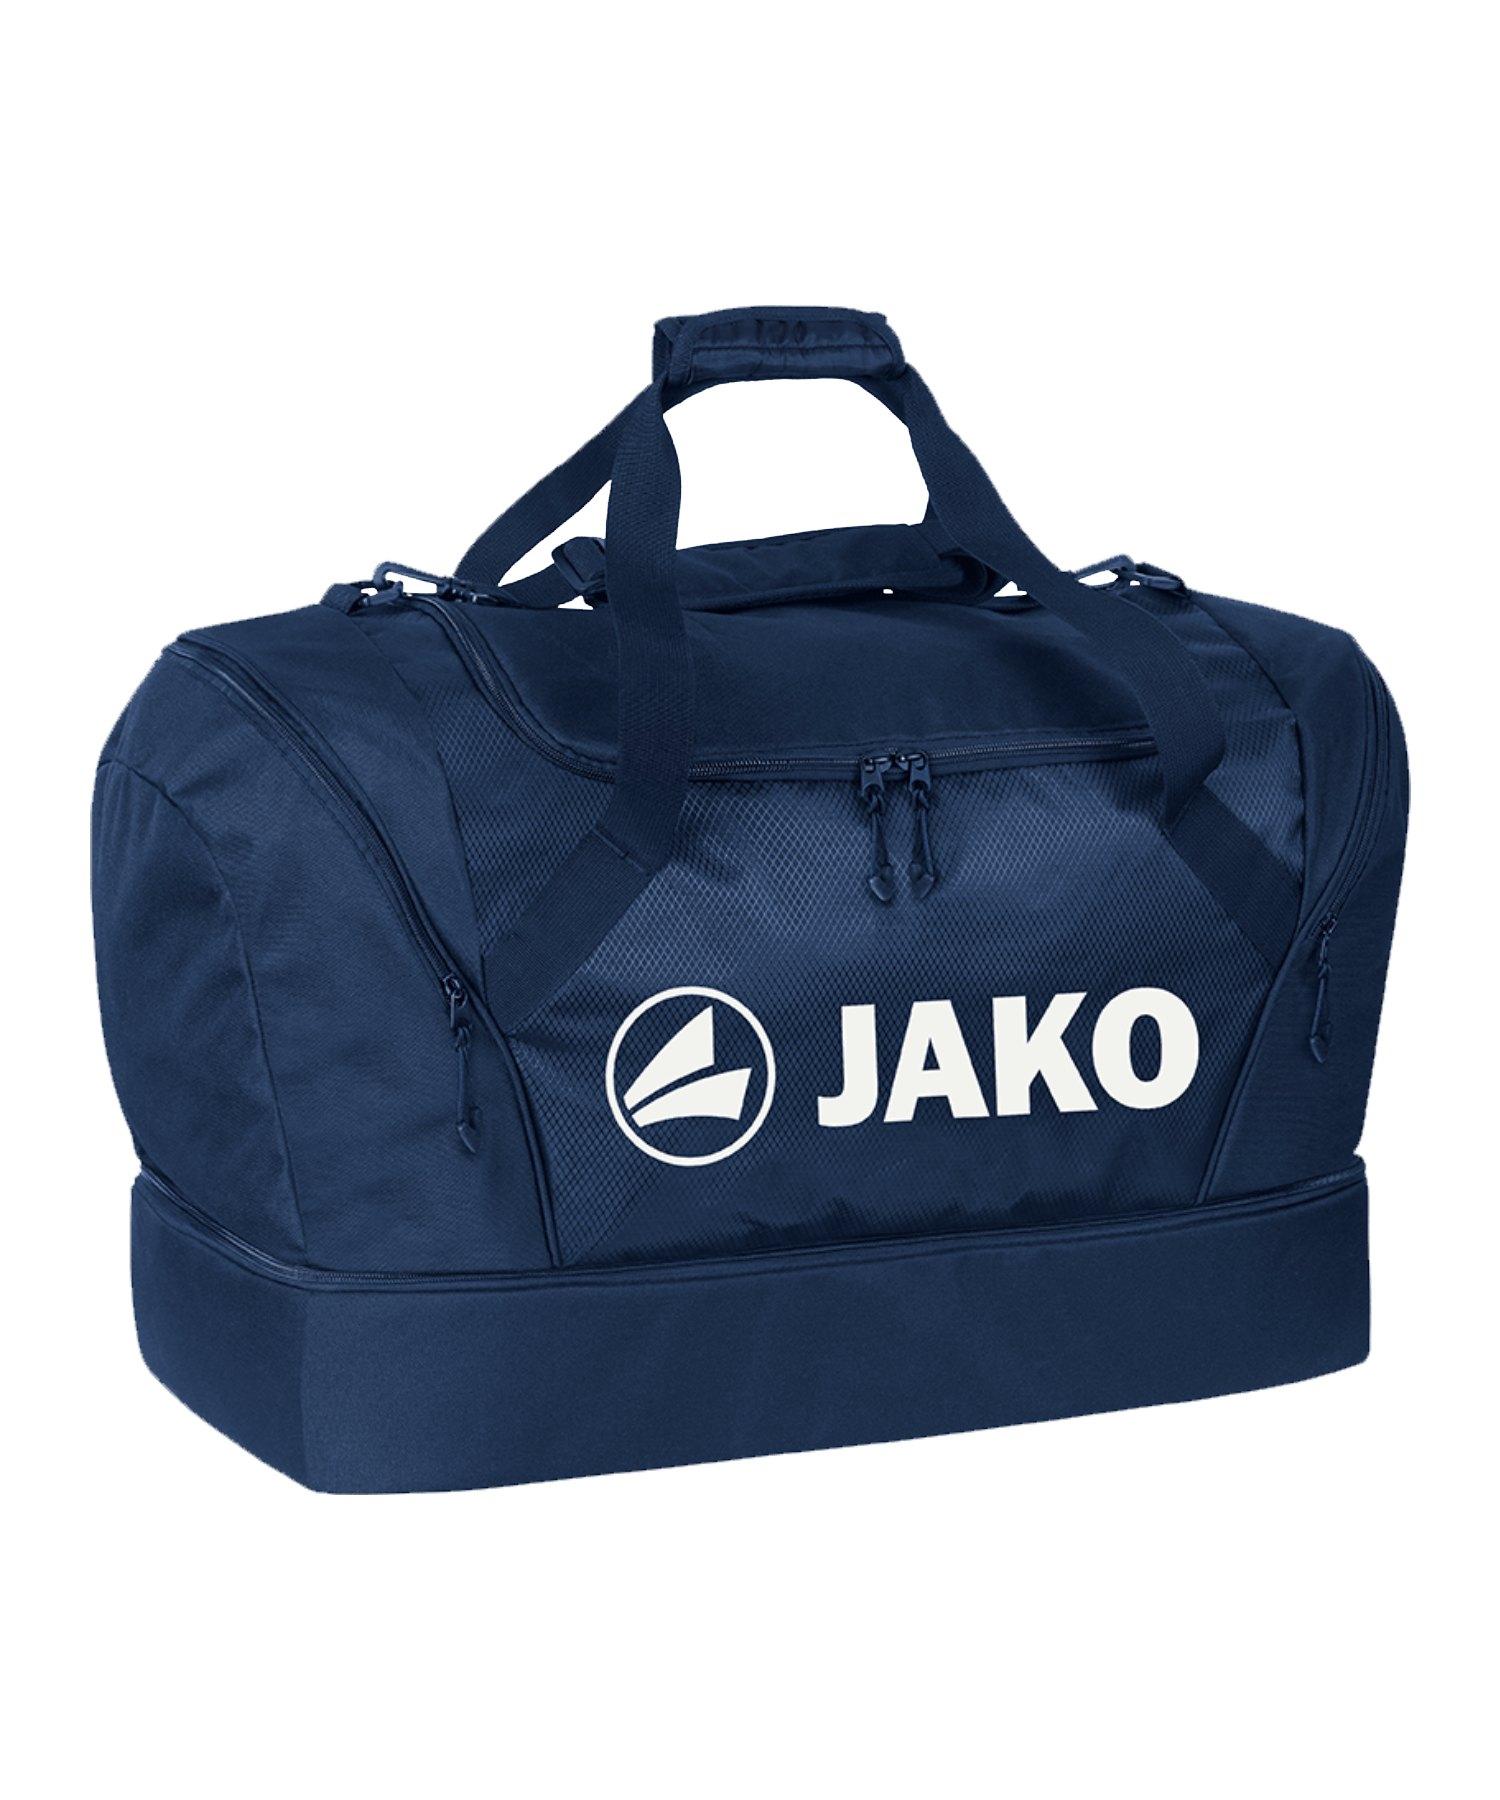 JAKO Sporttasche mit Bodenfach Senior Blau F09 - blau